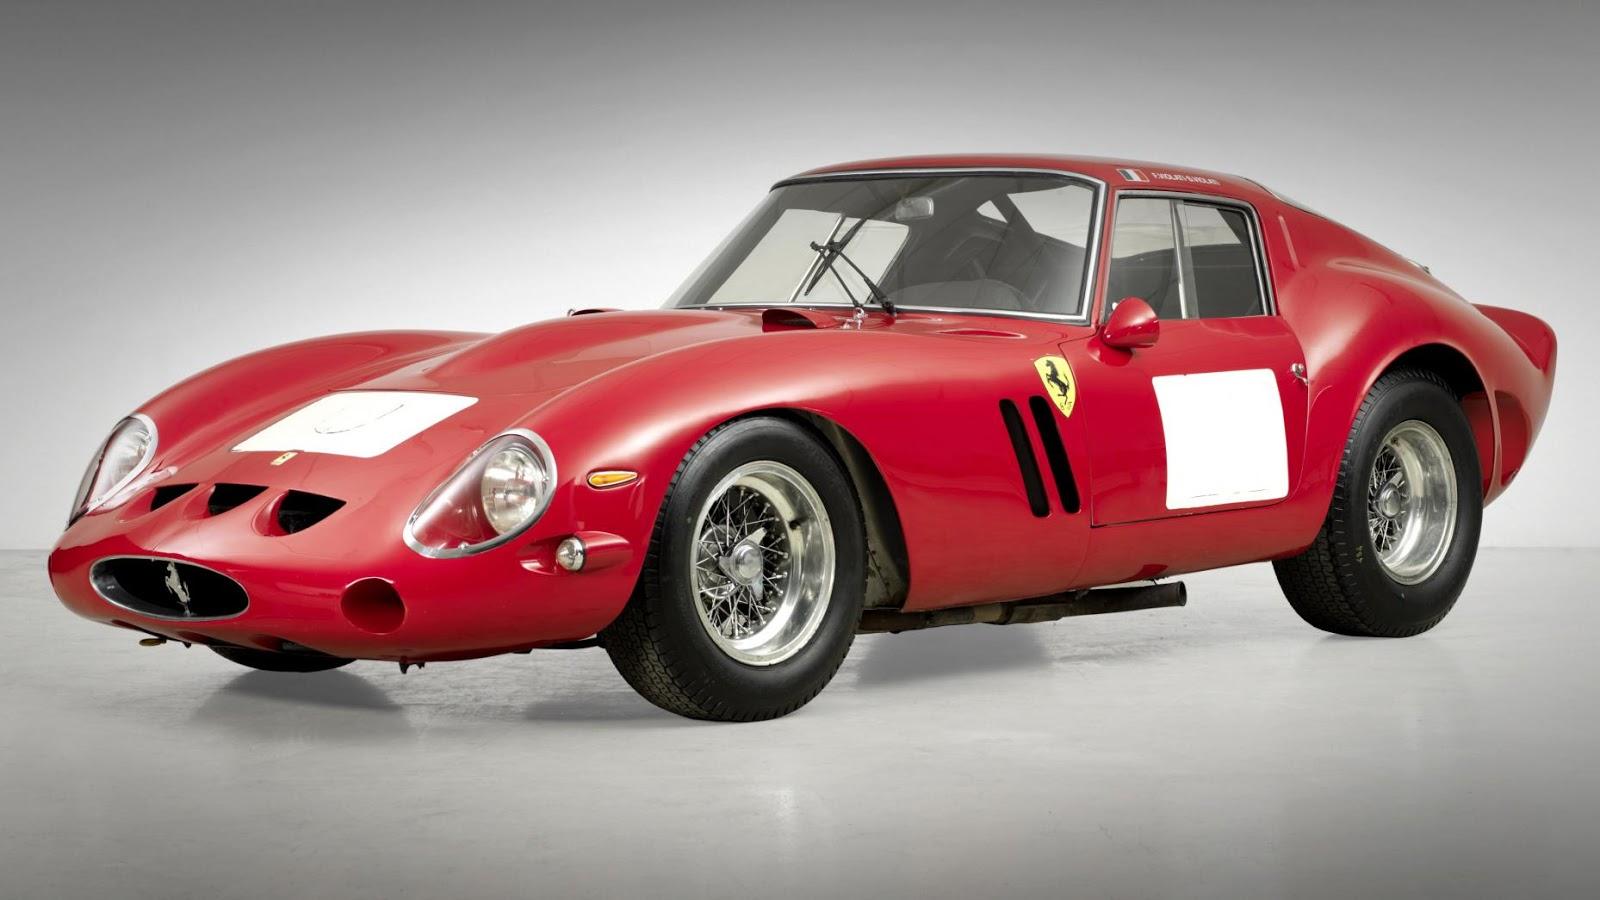 1962 Ferrari 250 GTO - Siêu xe cổ đắt nhất thế giới từng được đấu giá